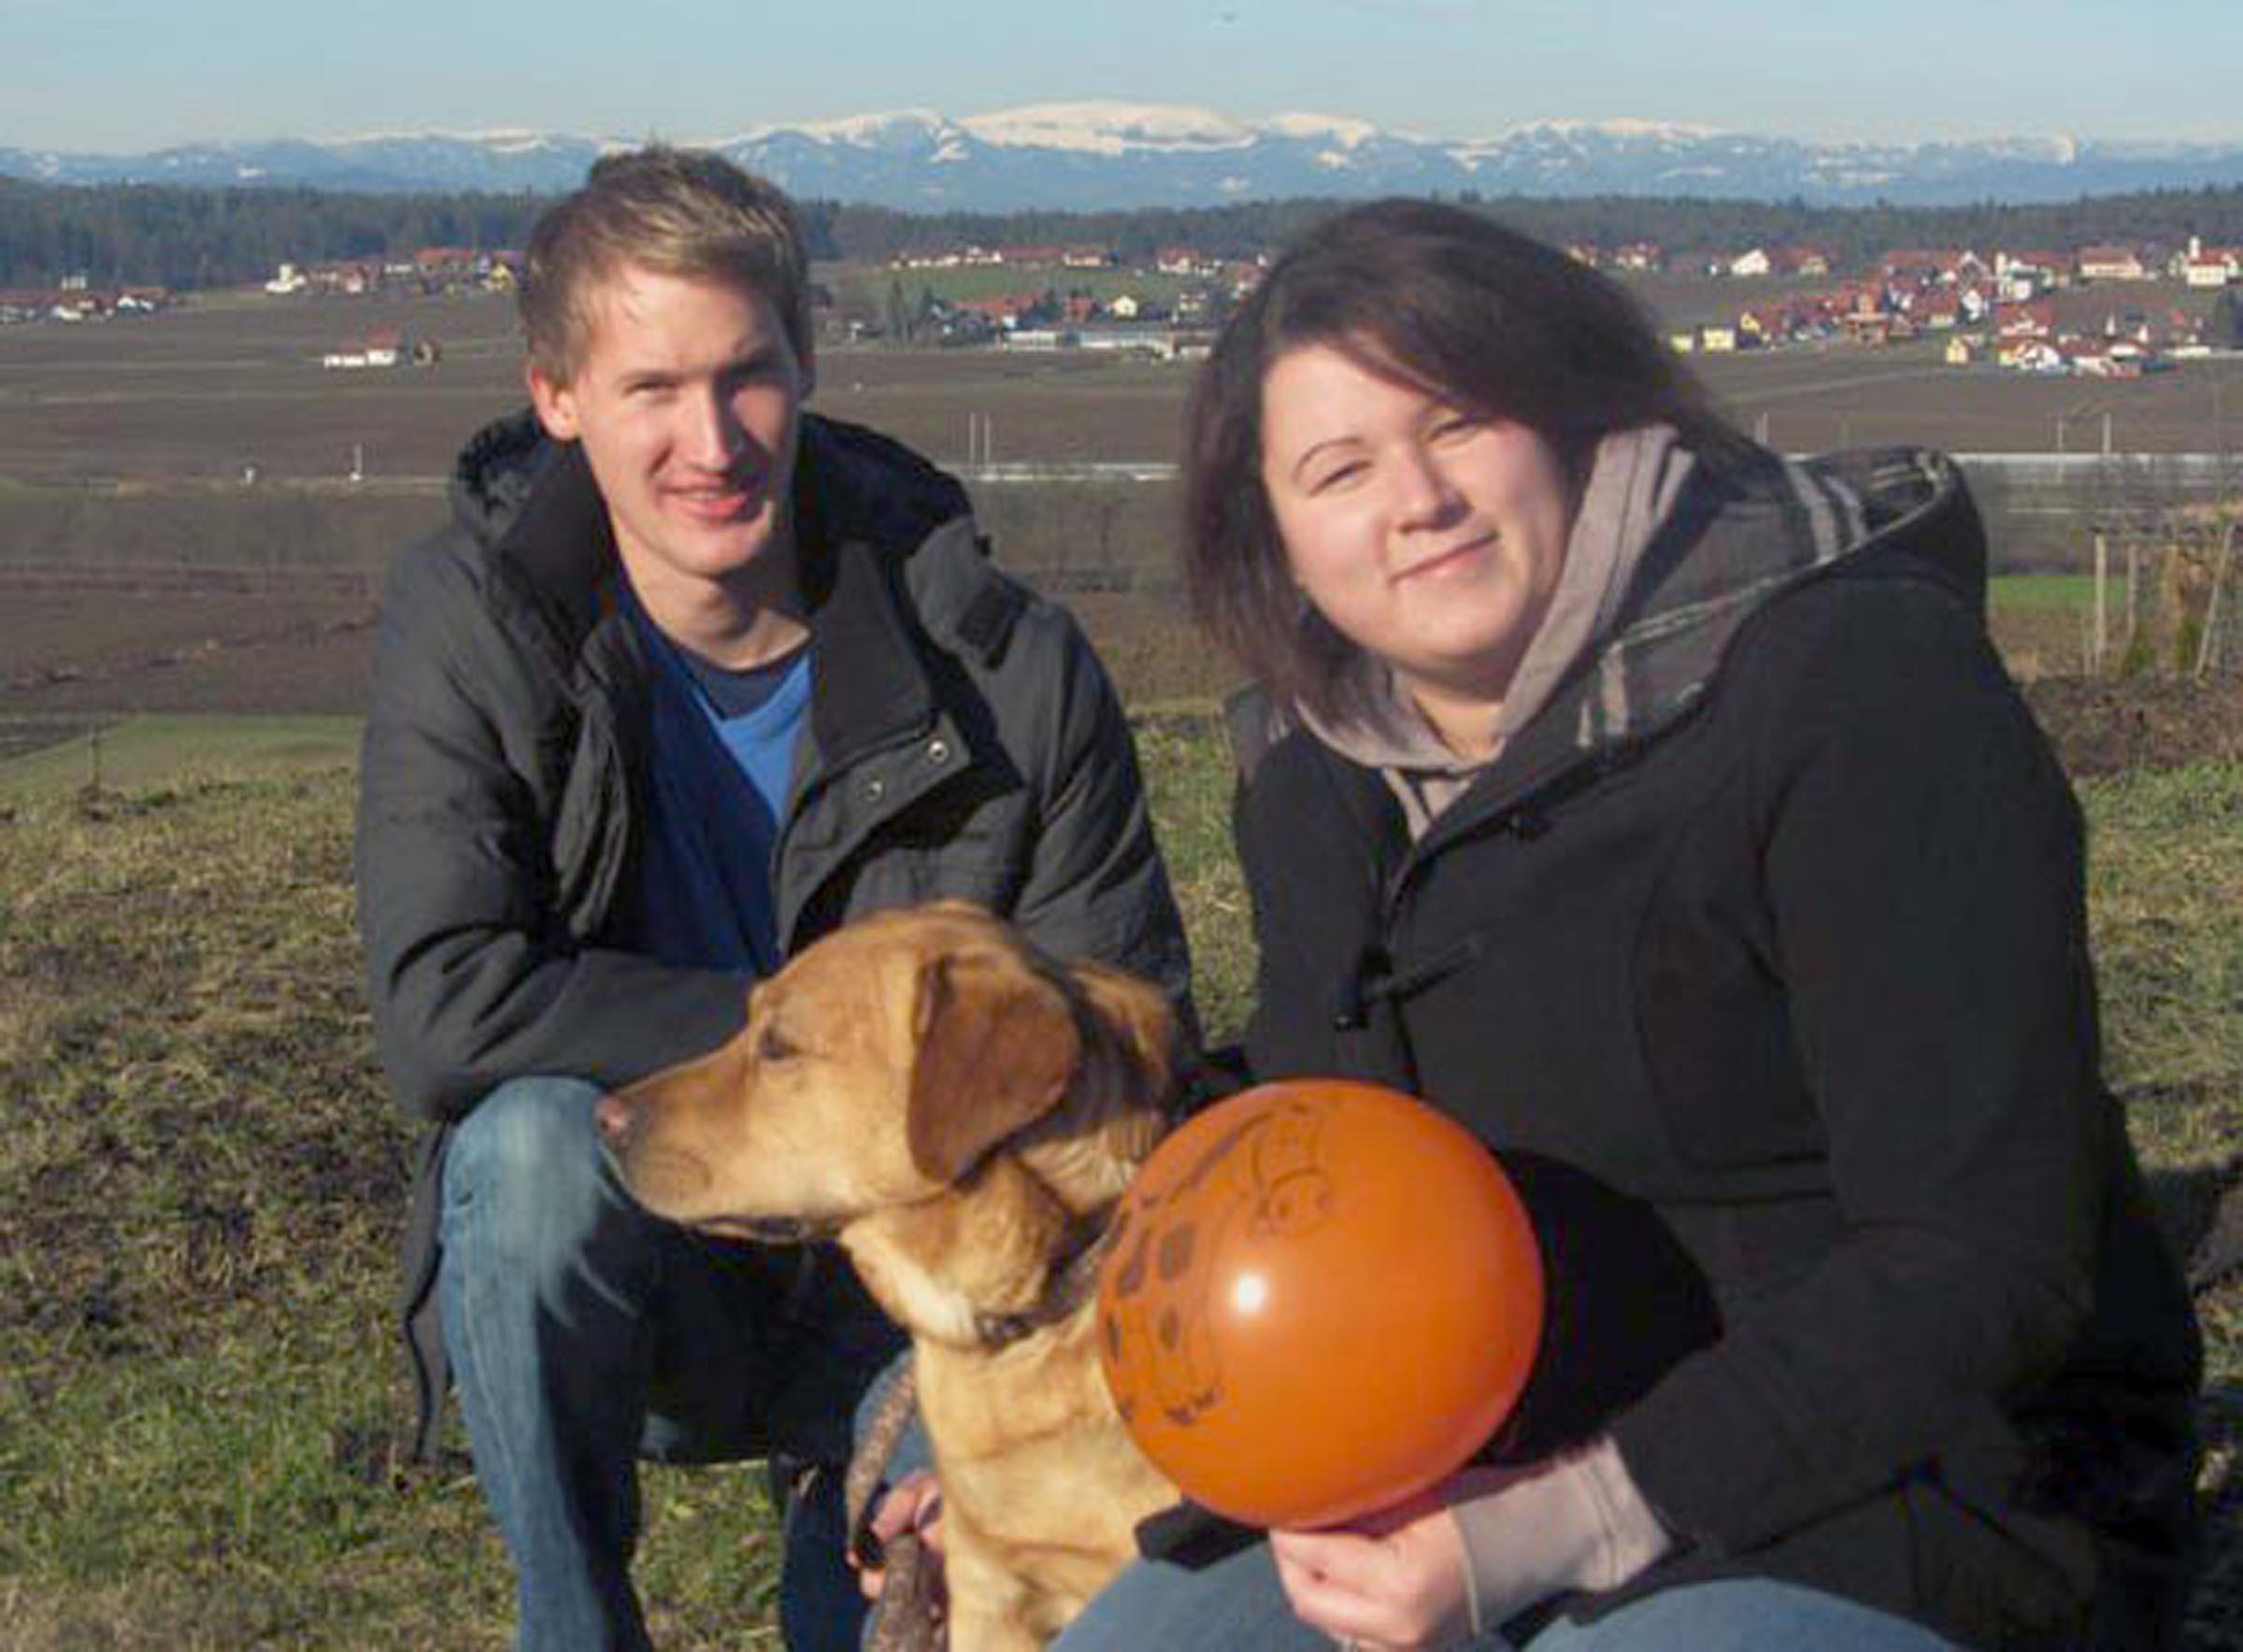 Child's balloon travels 1,000 miles to Austria